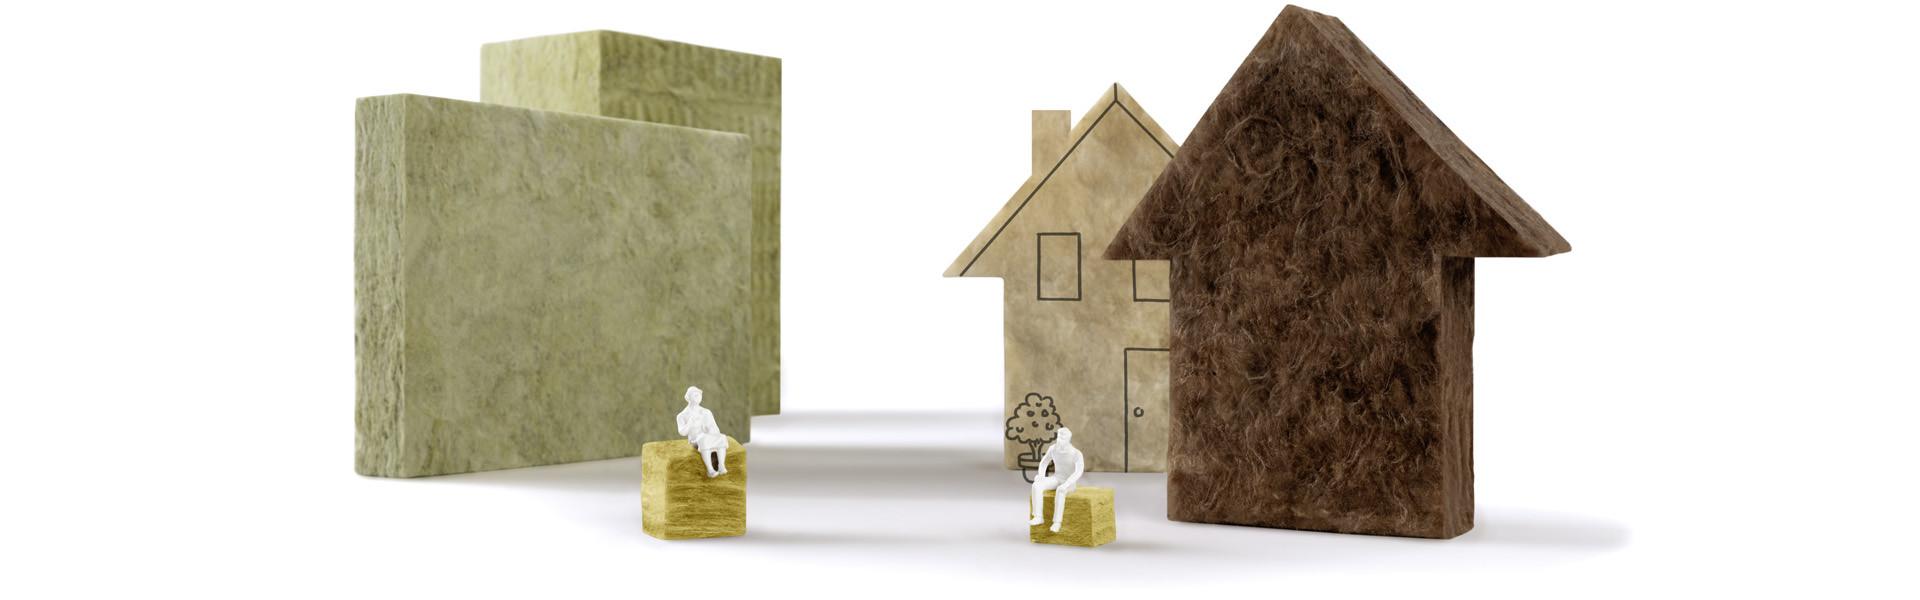 www-der-daemmstoff.de ist das Infoportal des FMI Fachverband Mineralwolleindustrie e.V. rund um das Thema Dämmen mit Mineralwolle.